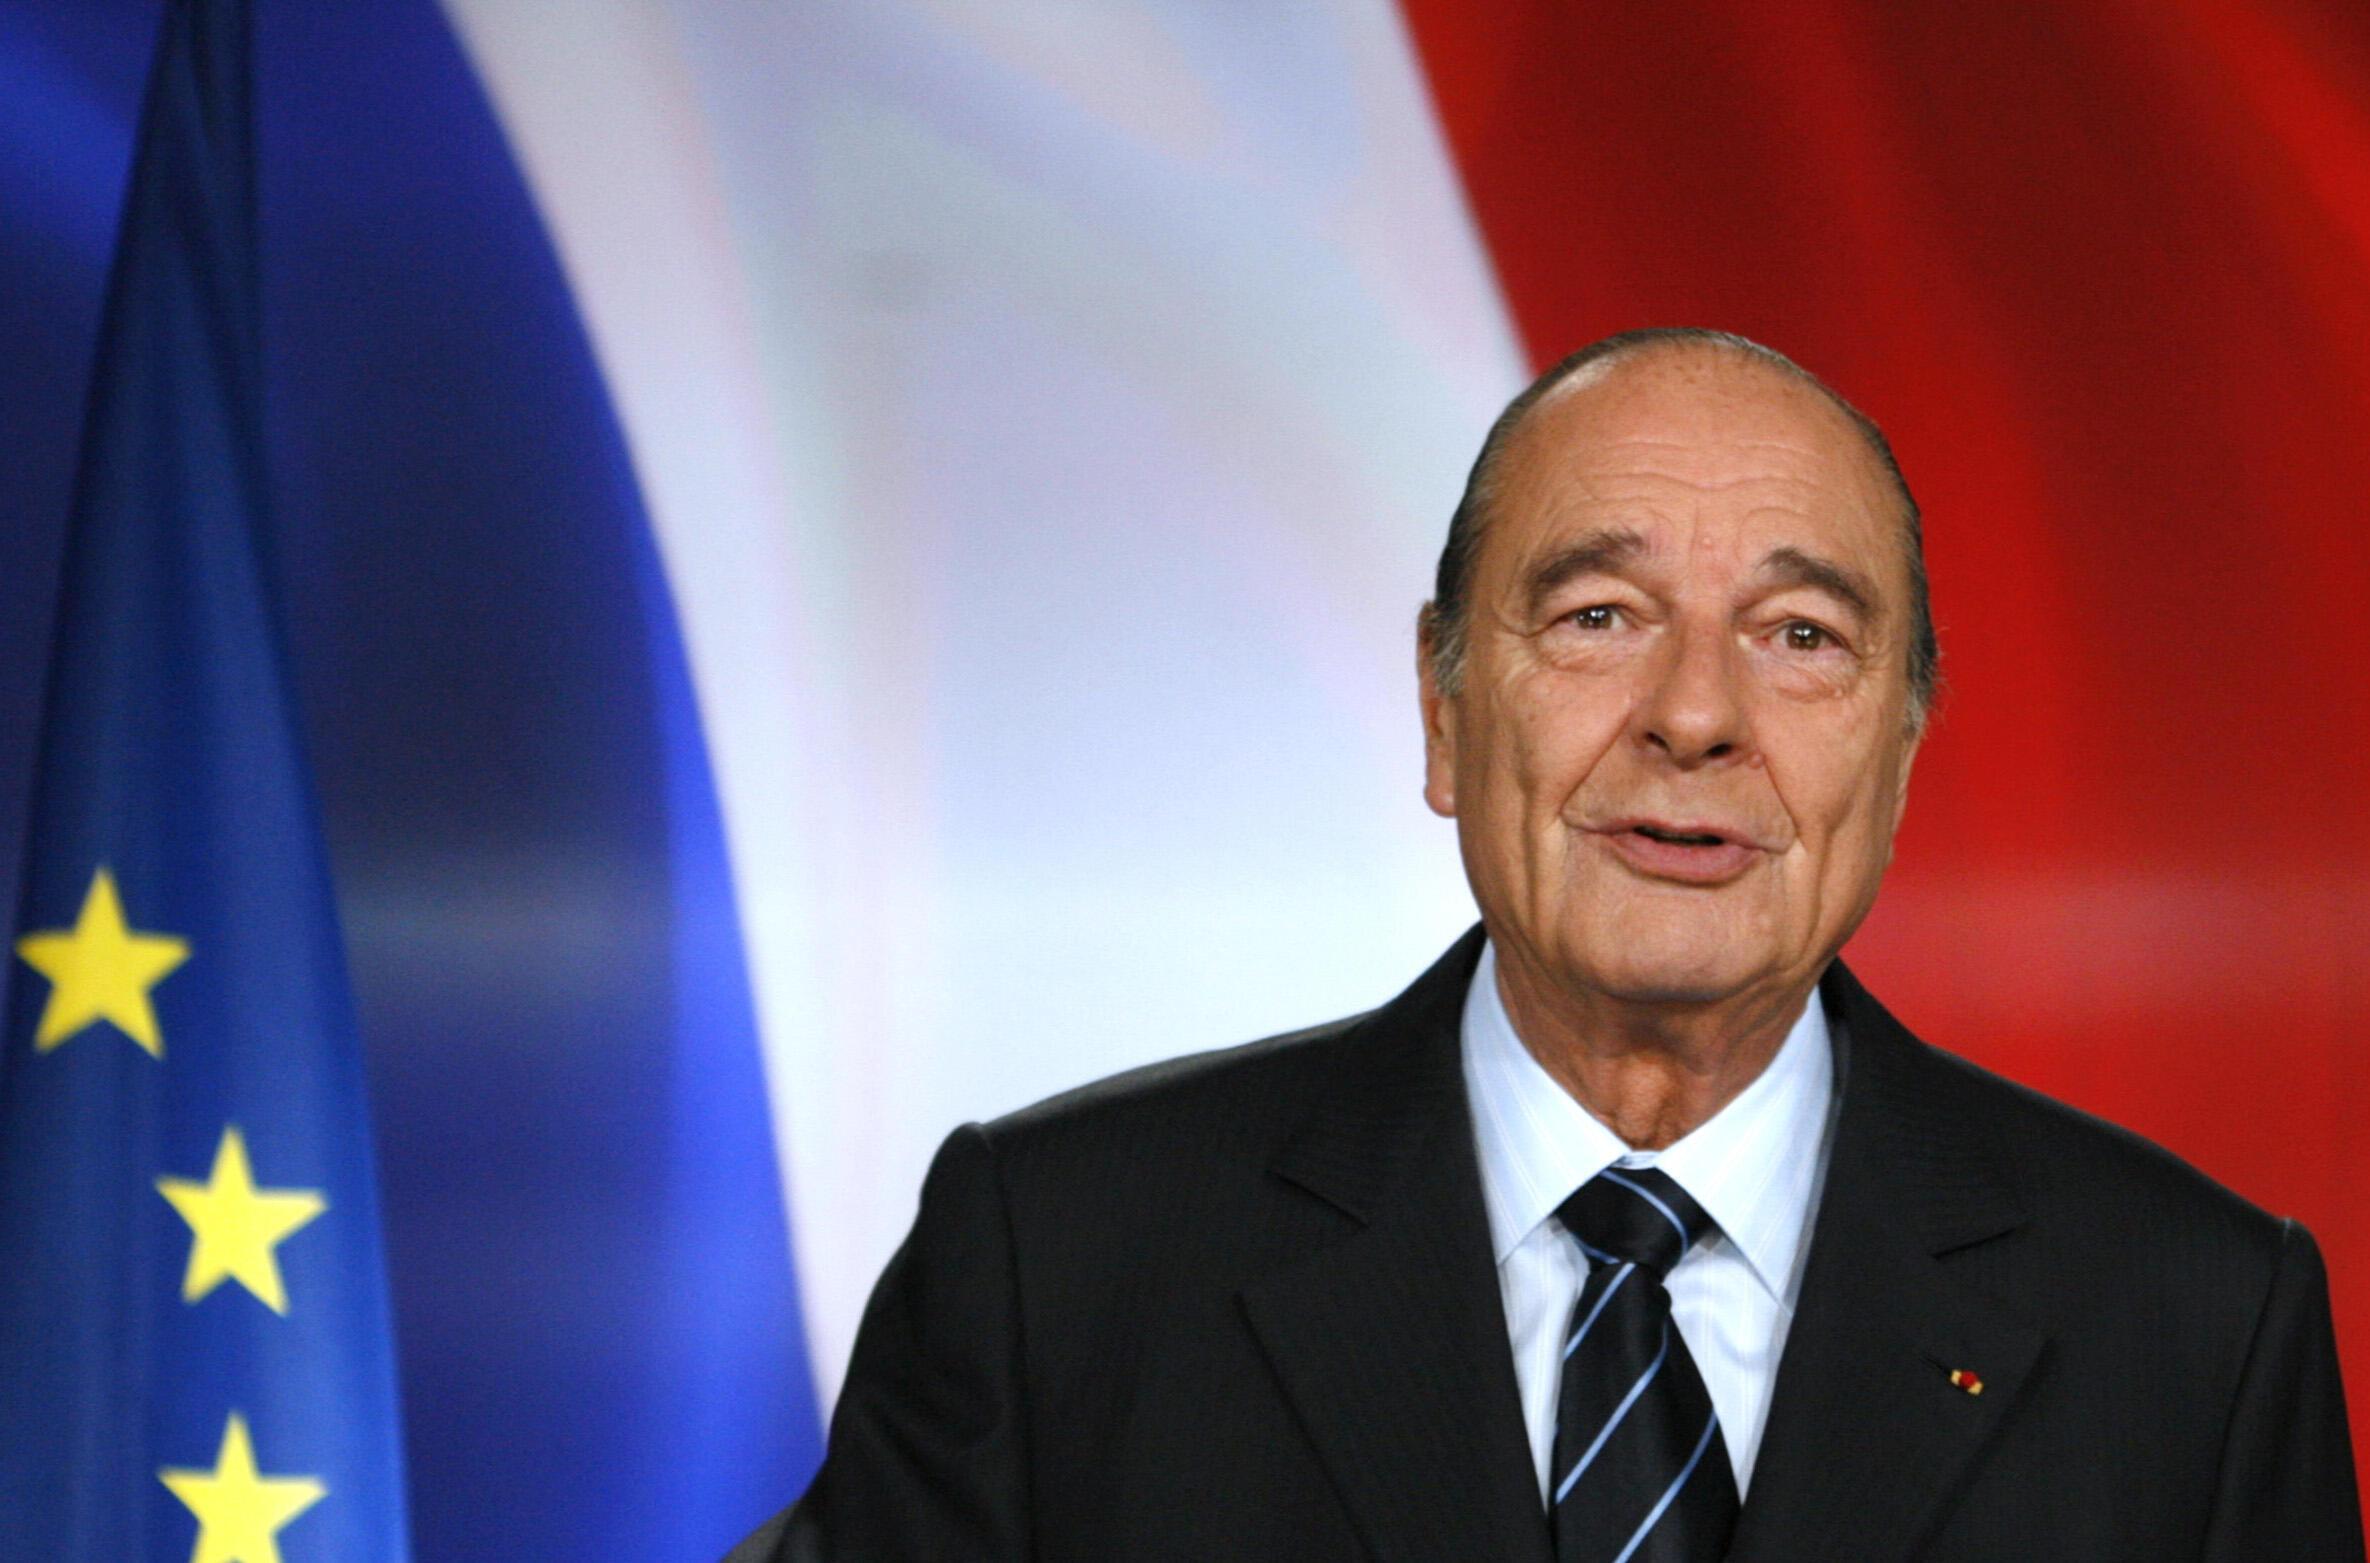 26/09/19- O ex-presidente francês Jacques Chirac morreu na manhã desta quinta-feira (26), aos 86 anos